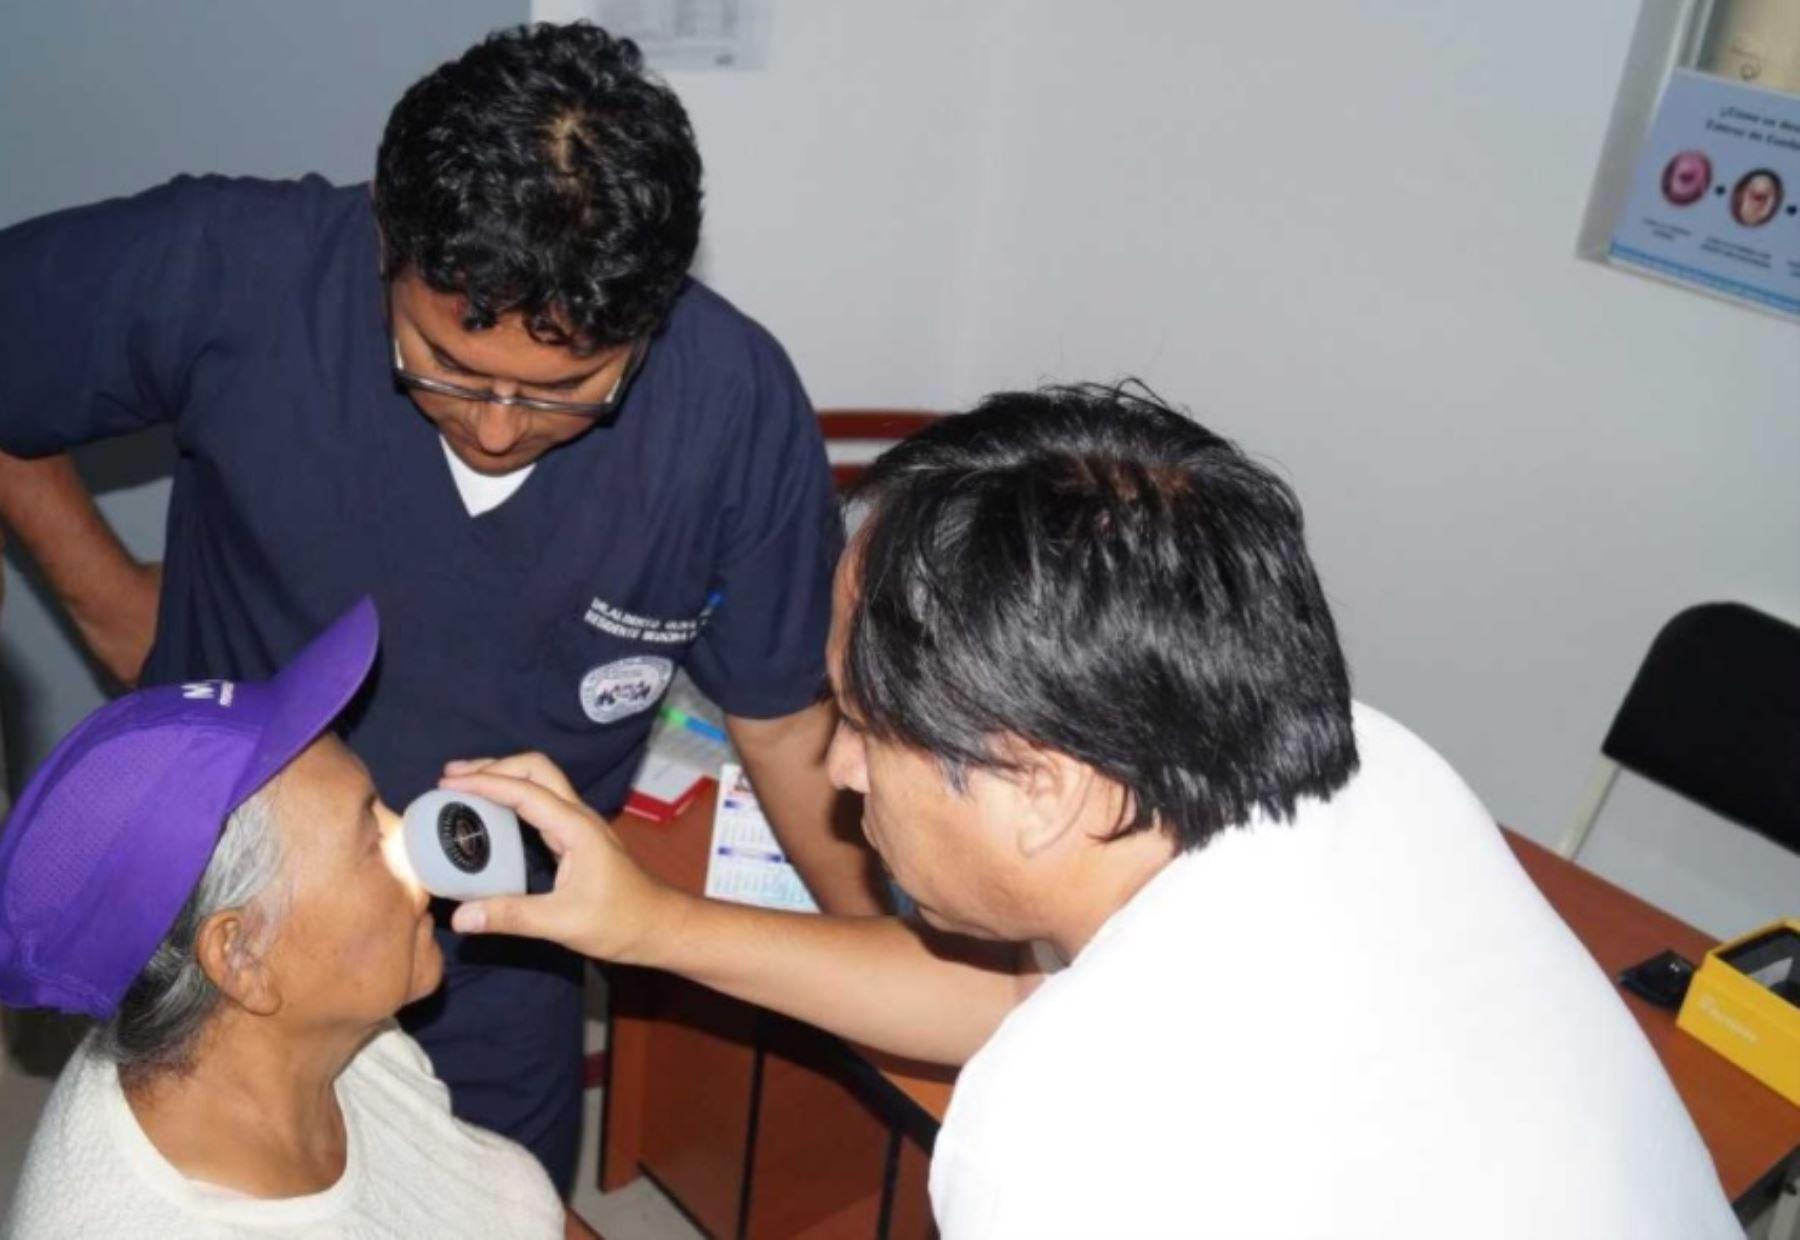 El número de casos nuevos de cáncer de piel en la región Arequipa se incrementó en aproximadamente 4% en los últimos diez años y cada vez son más frecuentes las personas que presentan lesiones benignas o malignas ocasionadas por la radiación ultravioleta del sol. ANDINA/Difusión